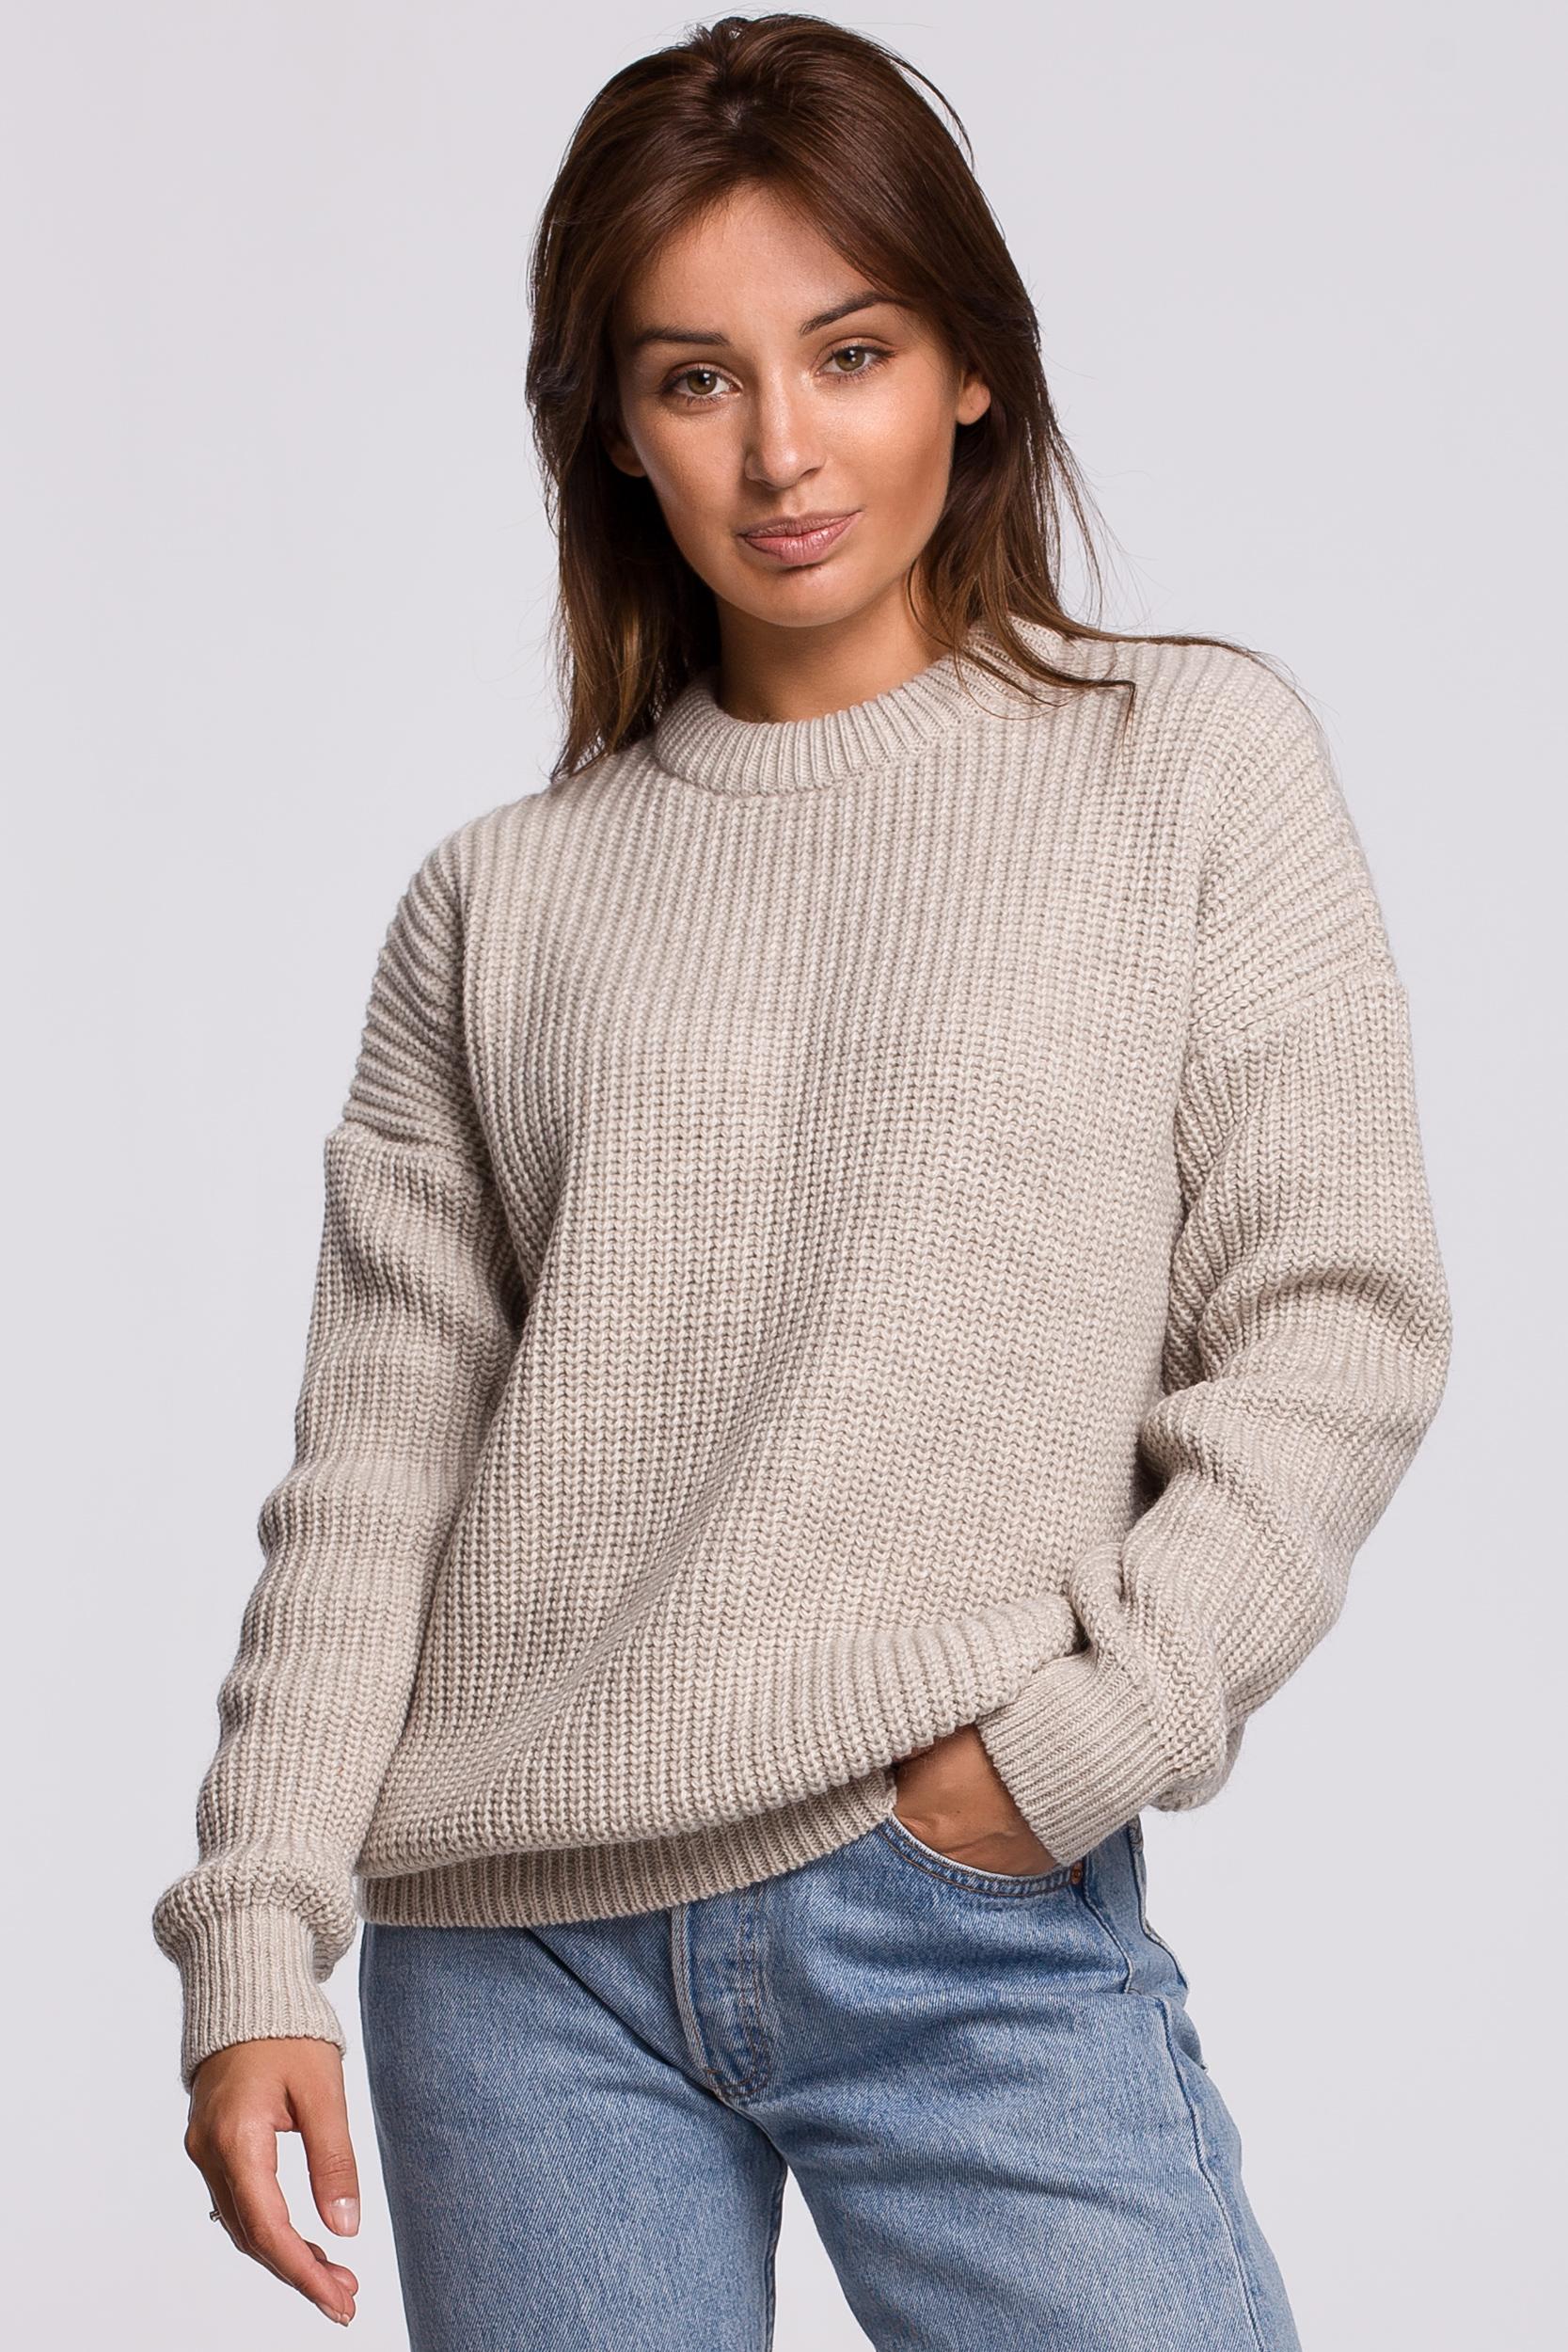 Sweater in Beige Vorderansicht